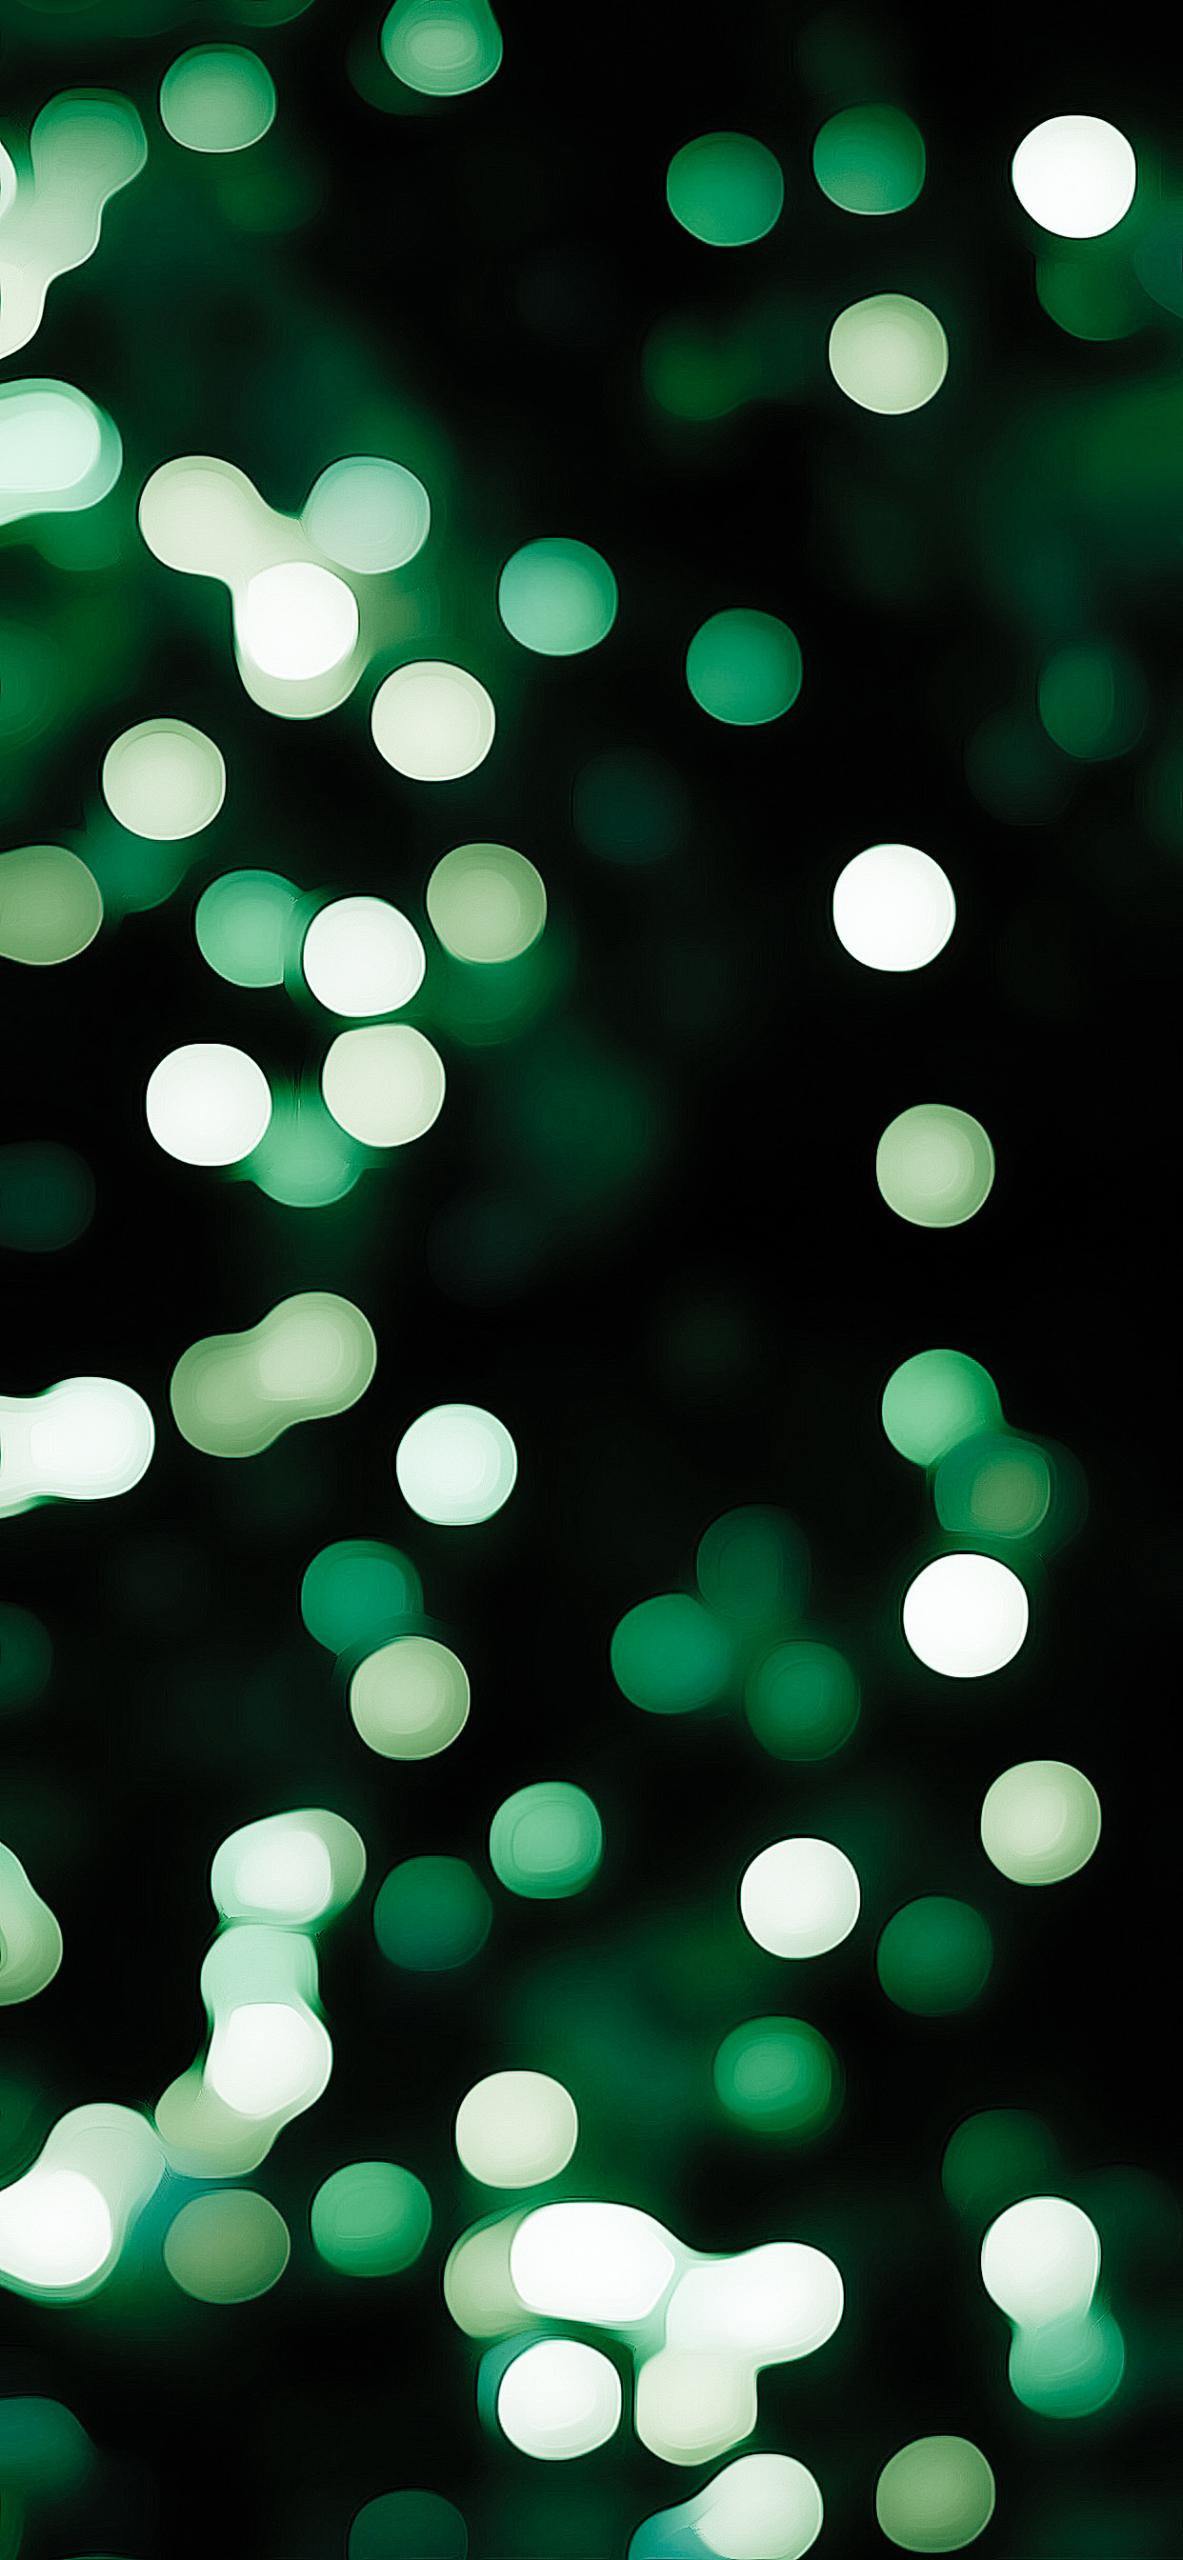 Christmas Wallpaper Iphone Ar72014 Bokeh Midnight Green Midnight Green Wallpaper Iphone 1183x2560 Download Hd Wallpaper Wallpapertip